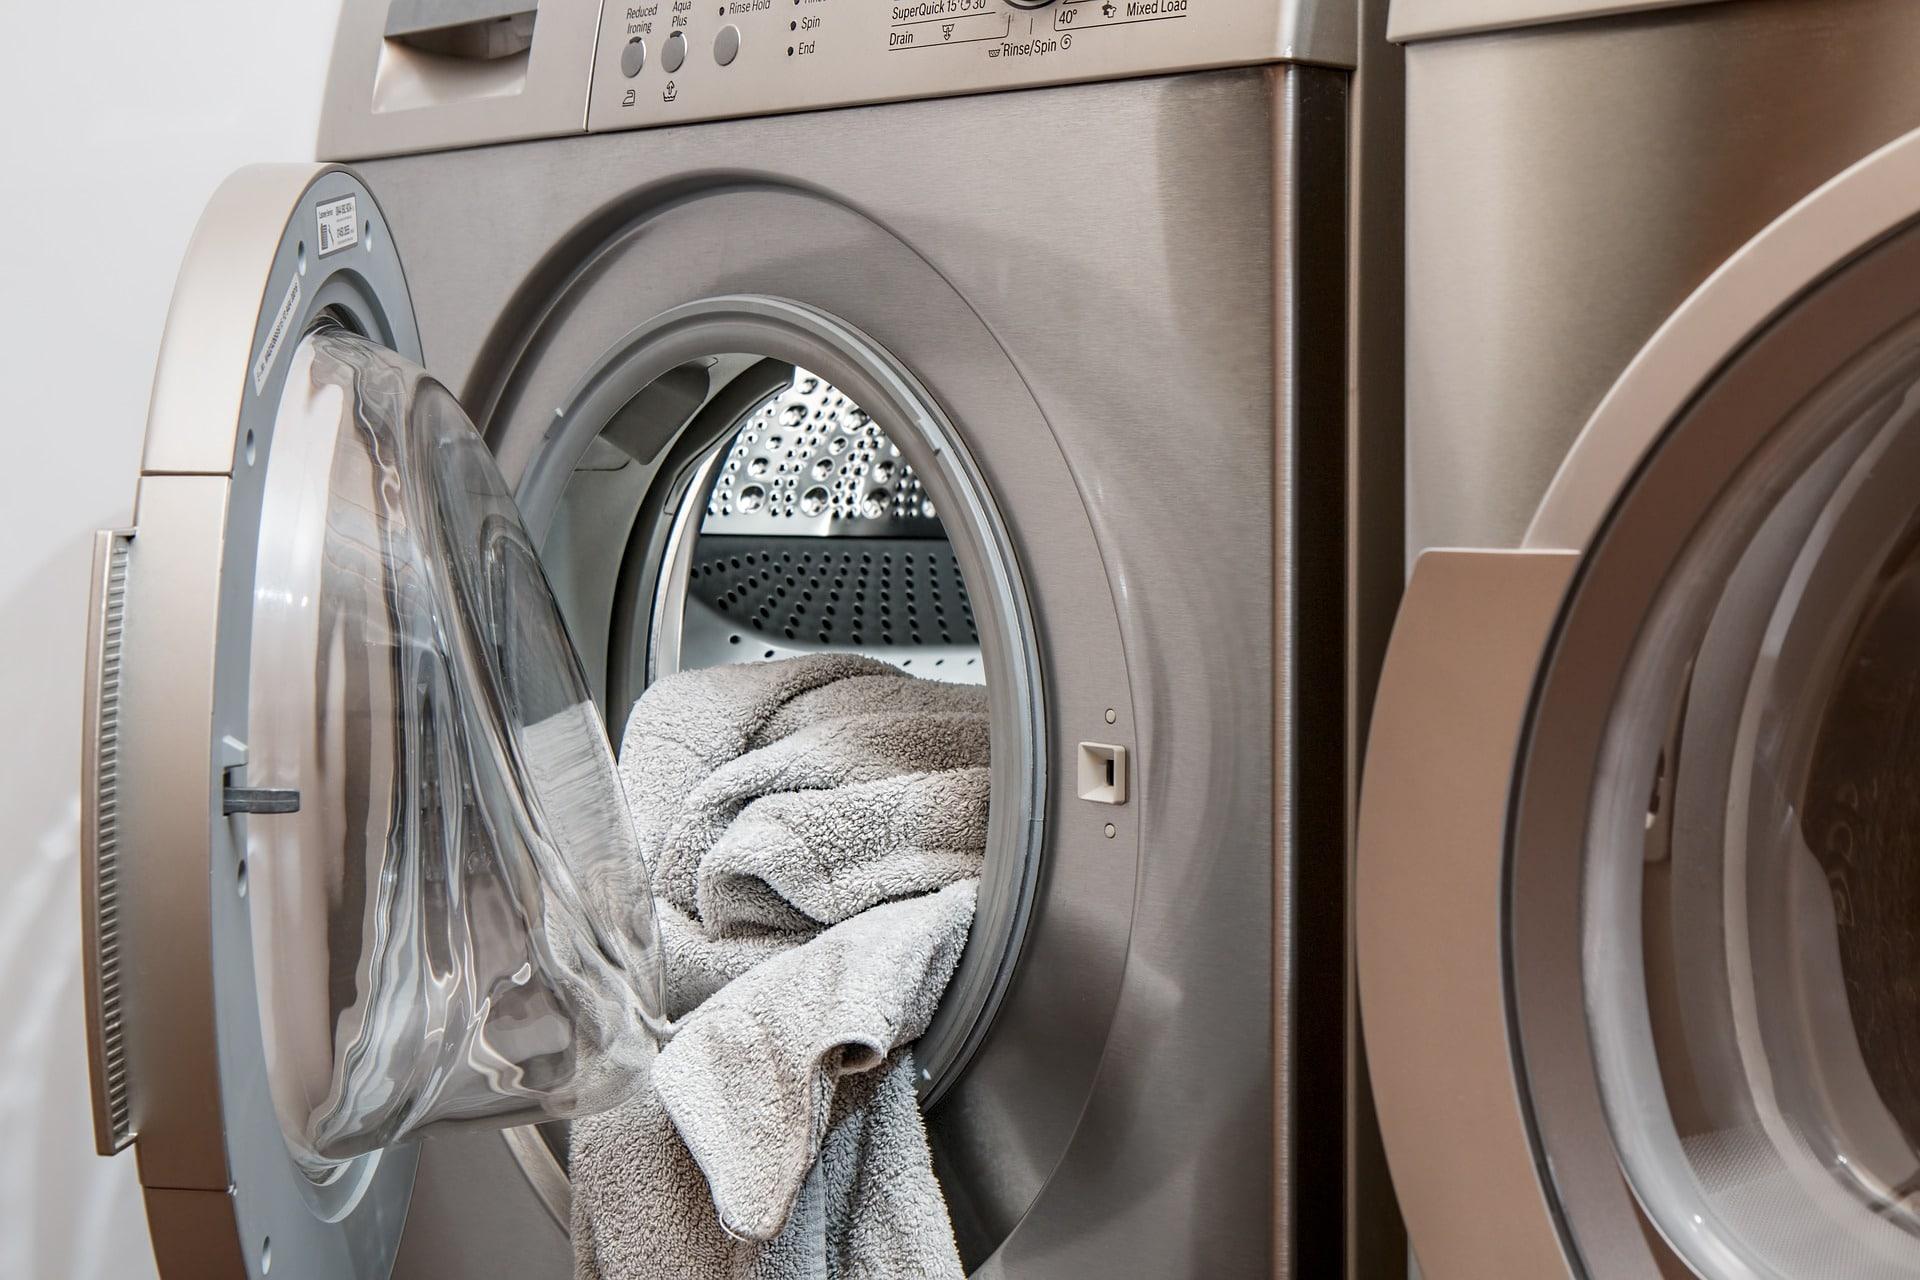 Odeur de machine à laver - linge oublié